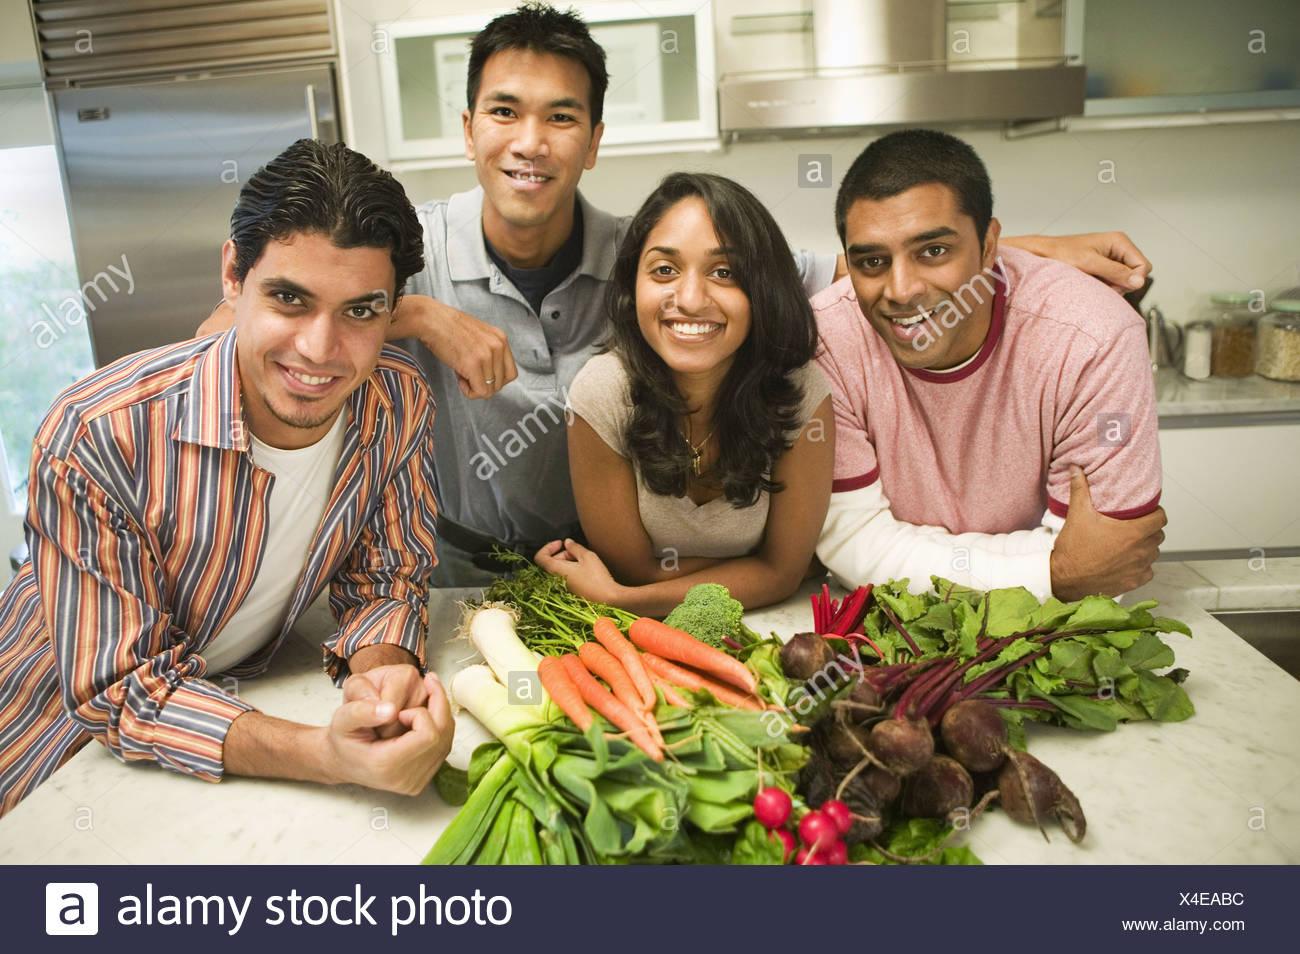 Grupo de jóvenes de etnias mixtas la celebración de verduras en la cocina Imagen De Stock